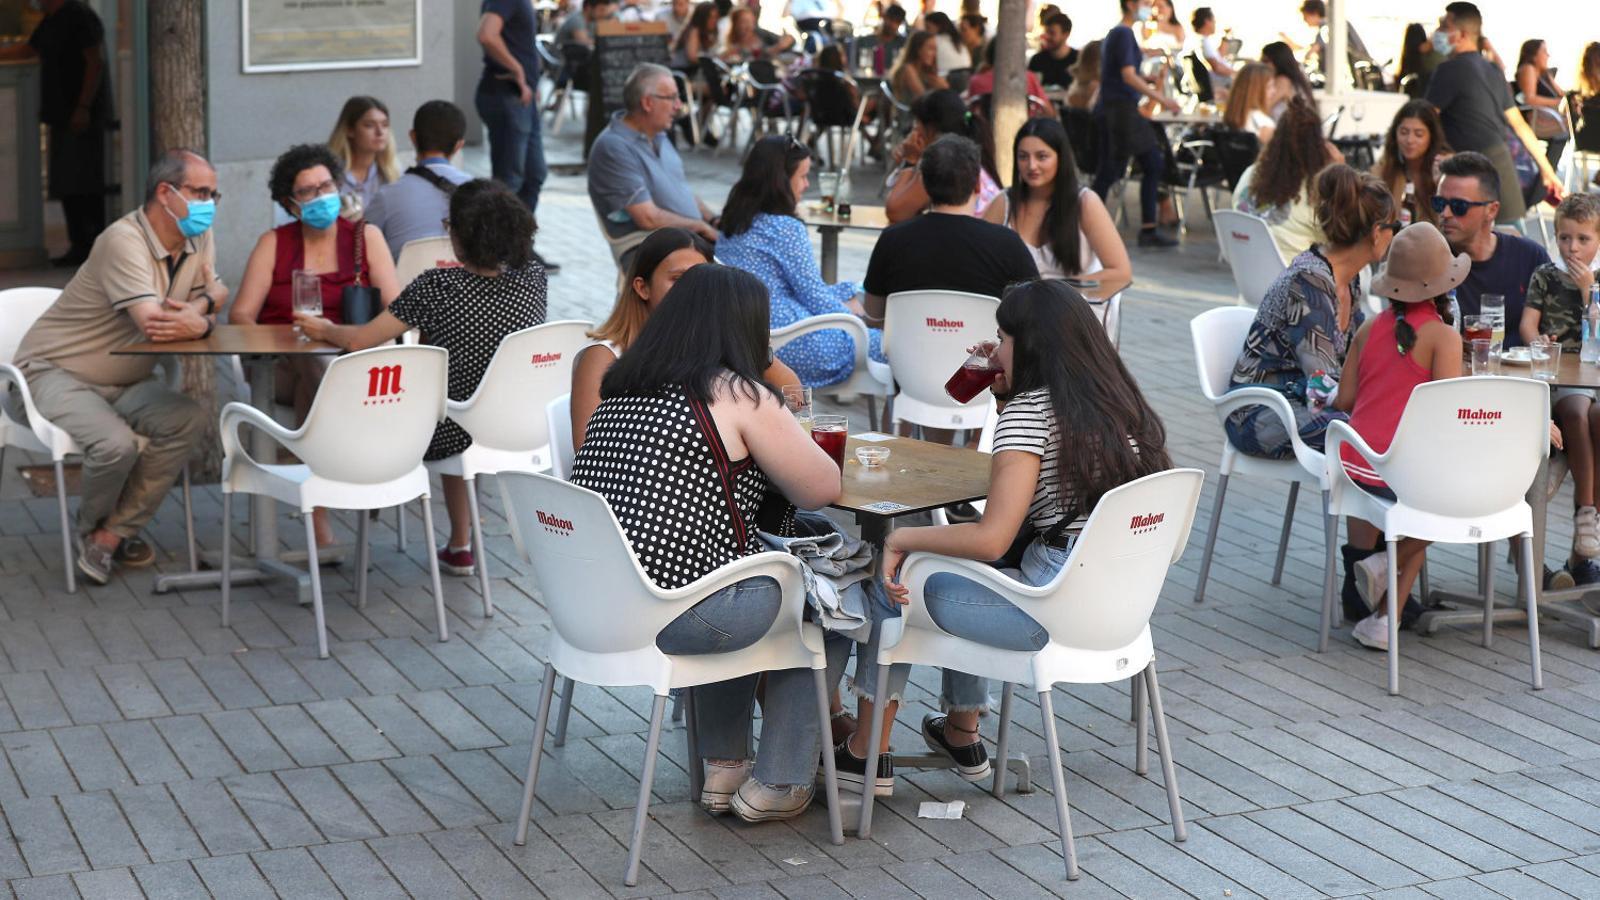 Gent al carrer divendres en una terrassa de la plaça Felipe II de Madrid, la zona que ara preocupa més pel seu alt índex de contagis.